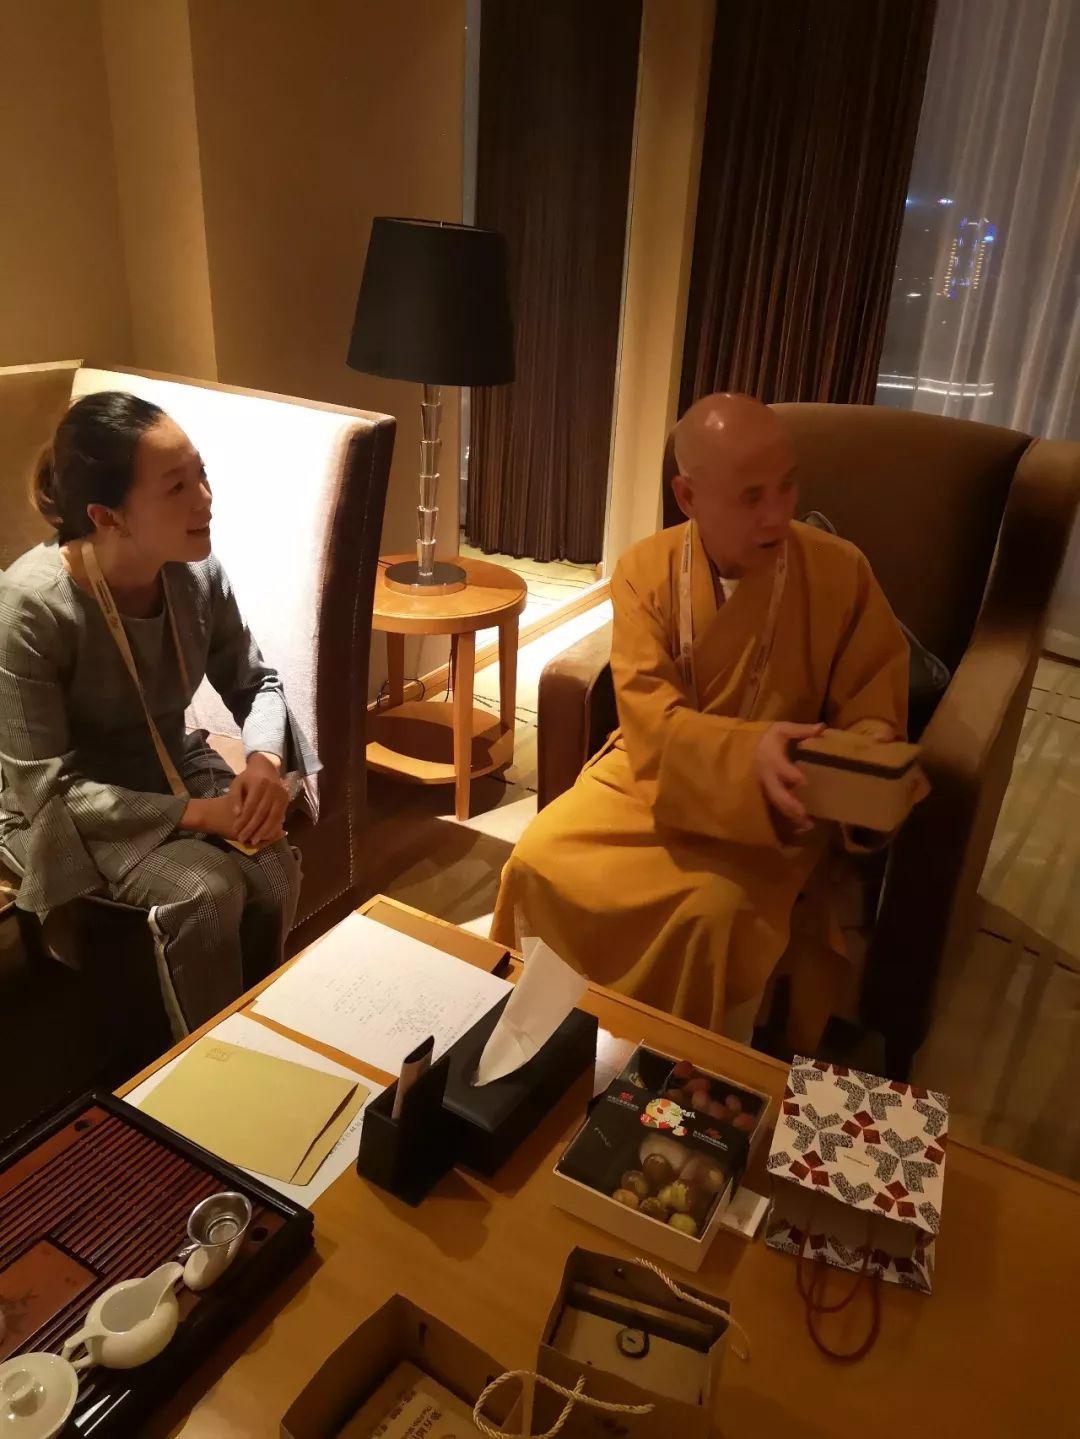 茶生建盏亮相世界佛教论坛 助力非遗文化传播与发扬